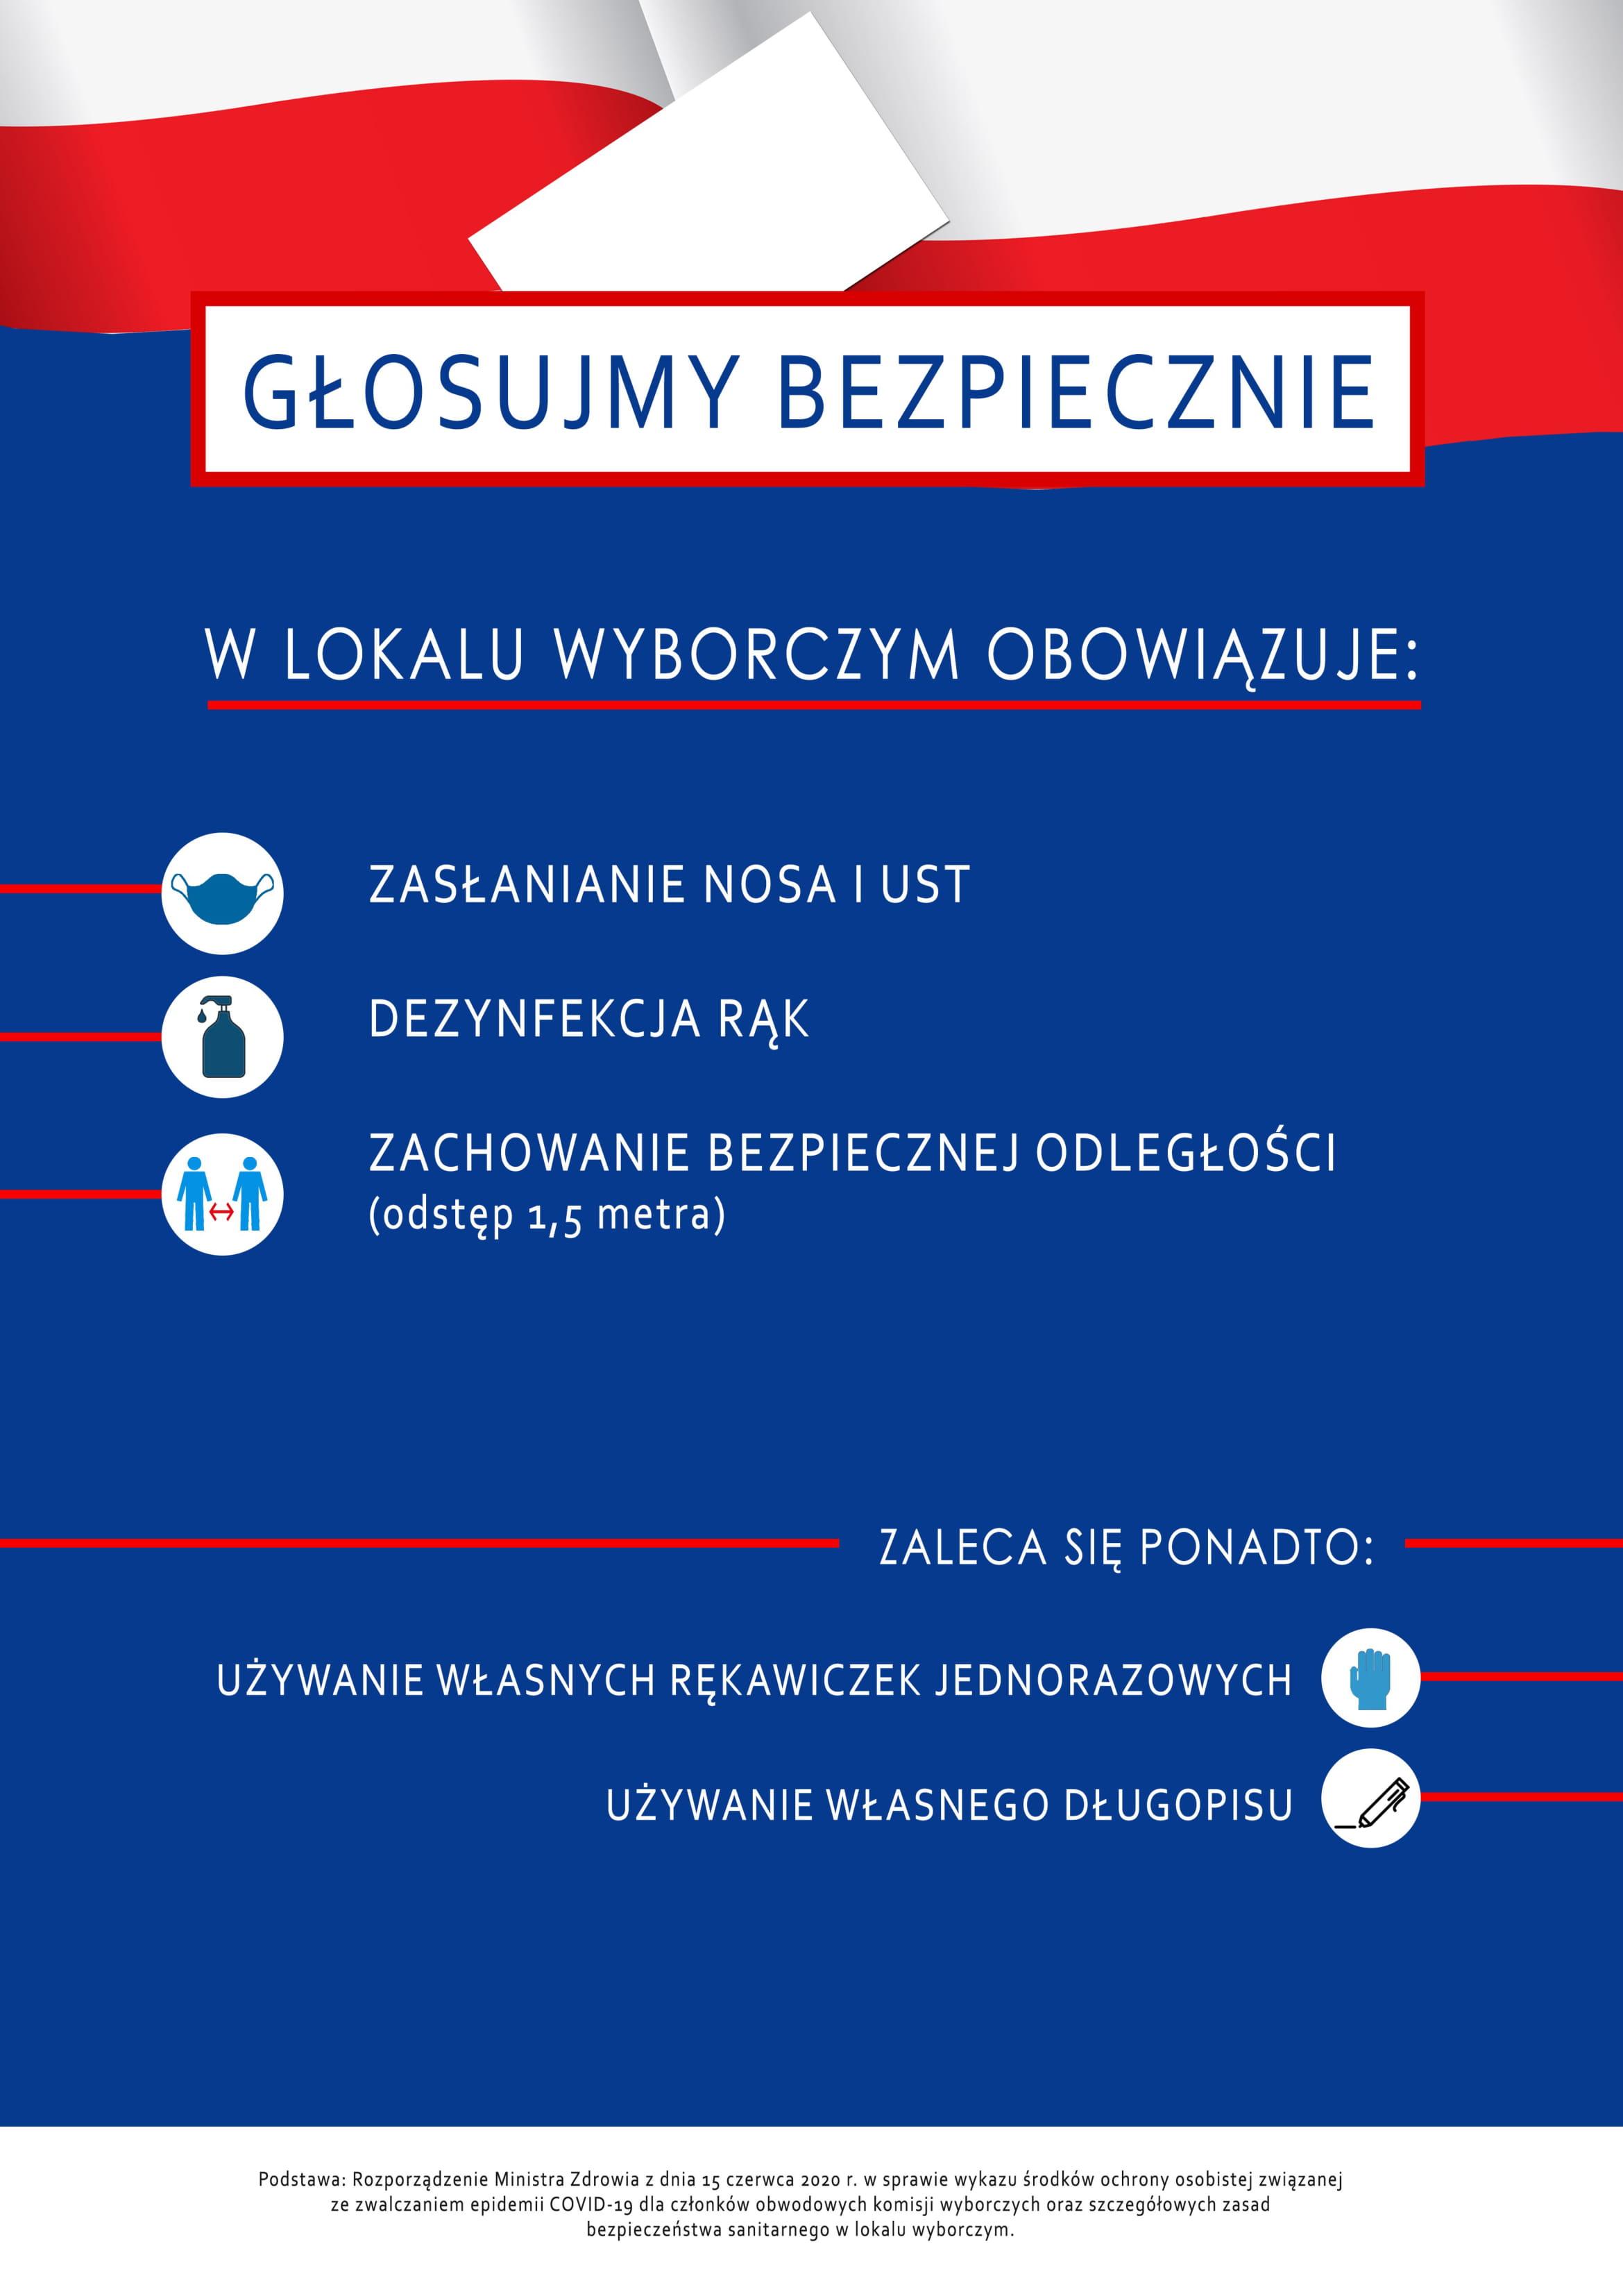 Zasady bezpieczeństwa epidemiologicznego podczas wyborów prezydenckich